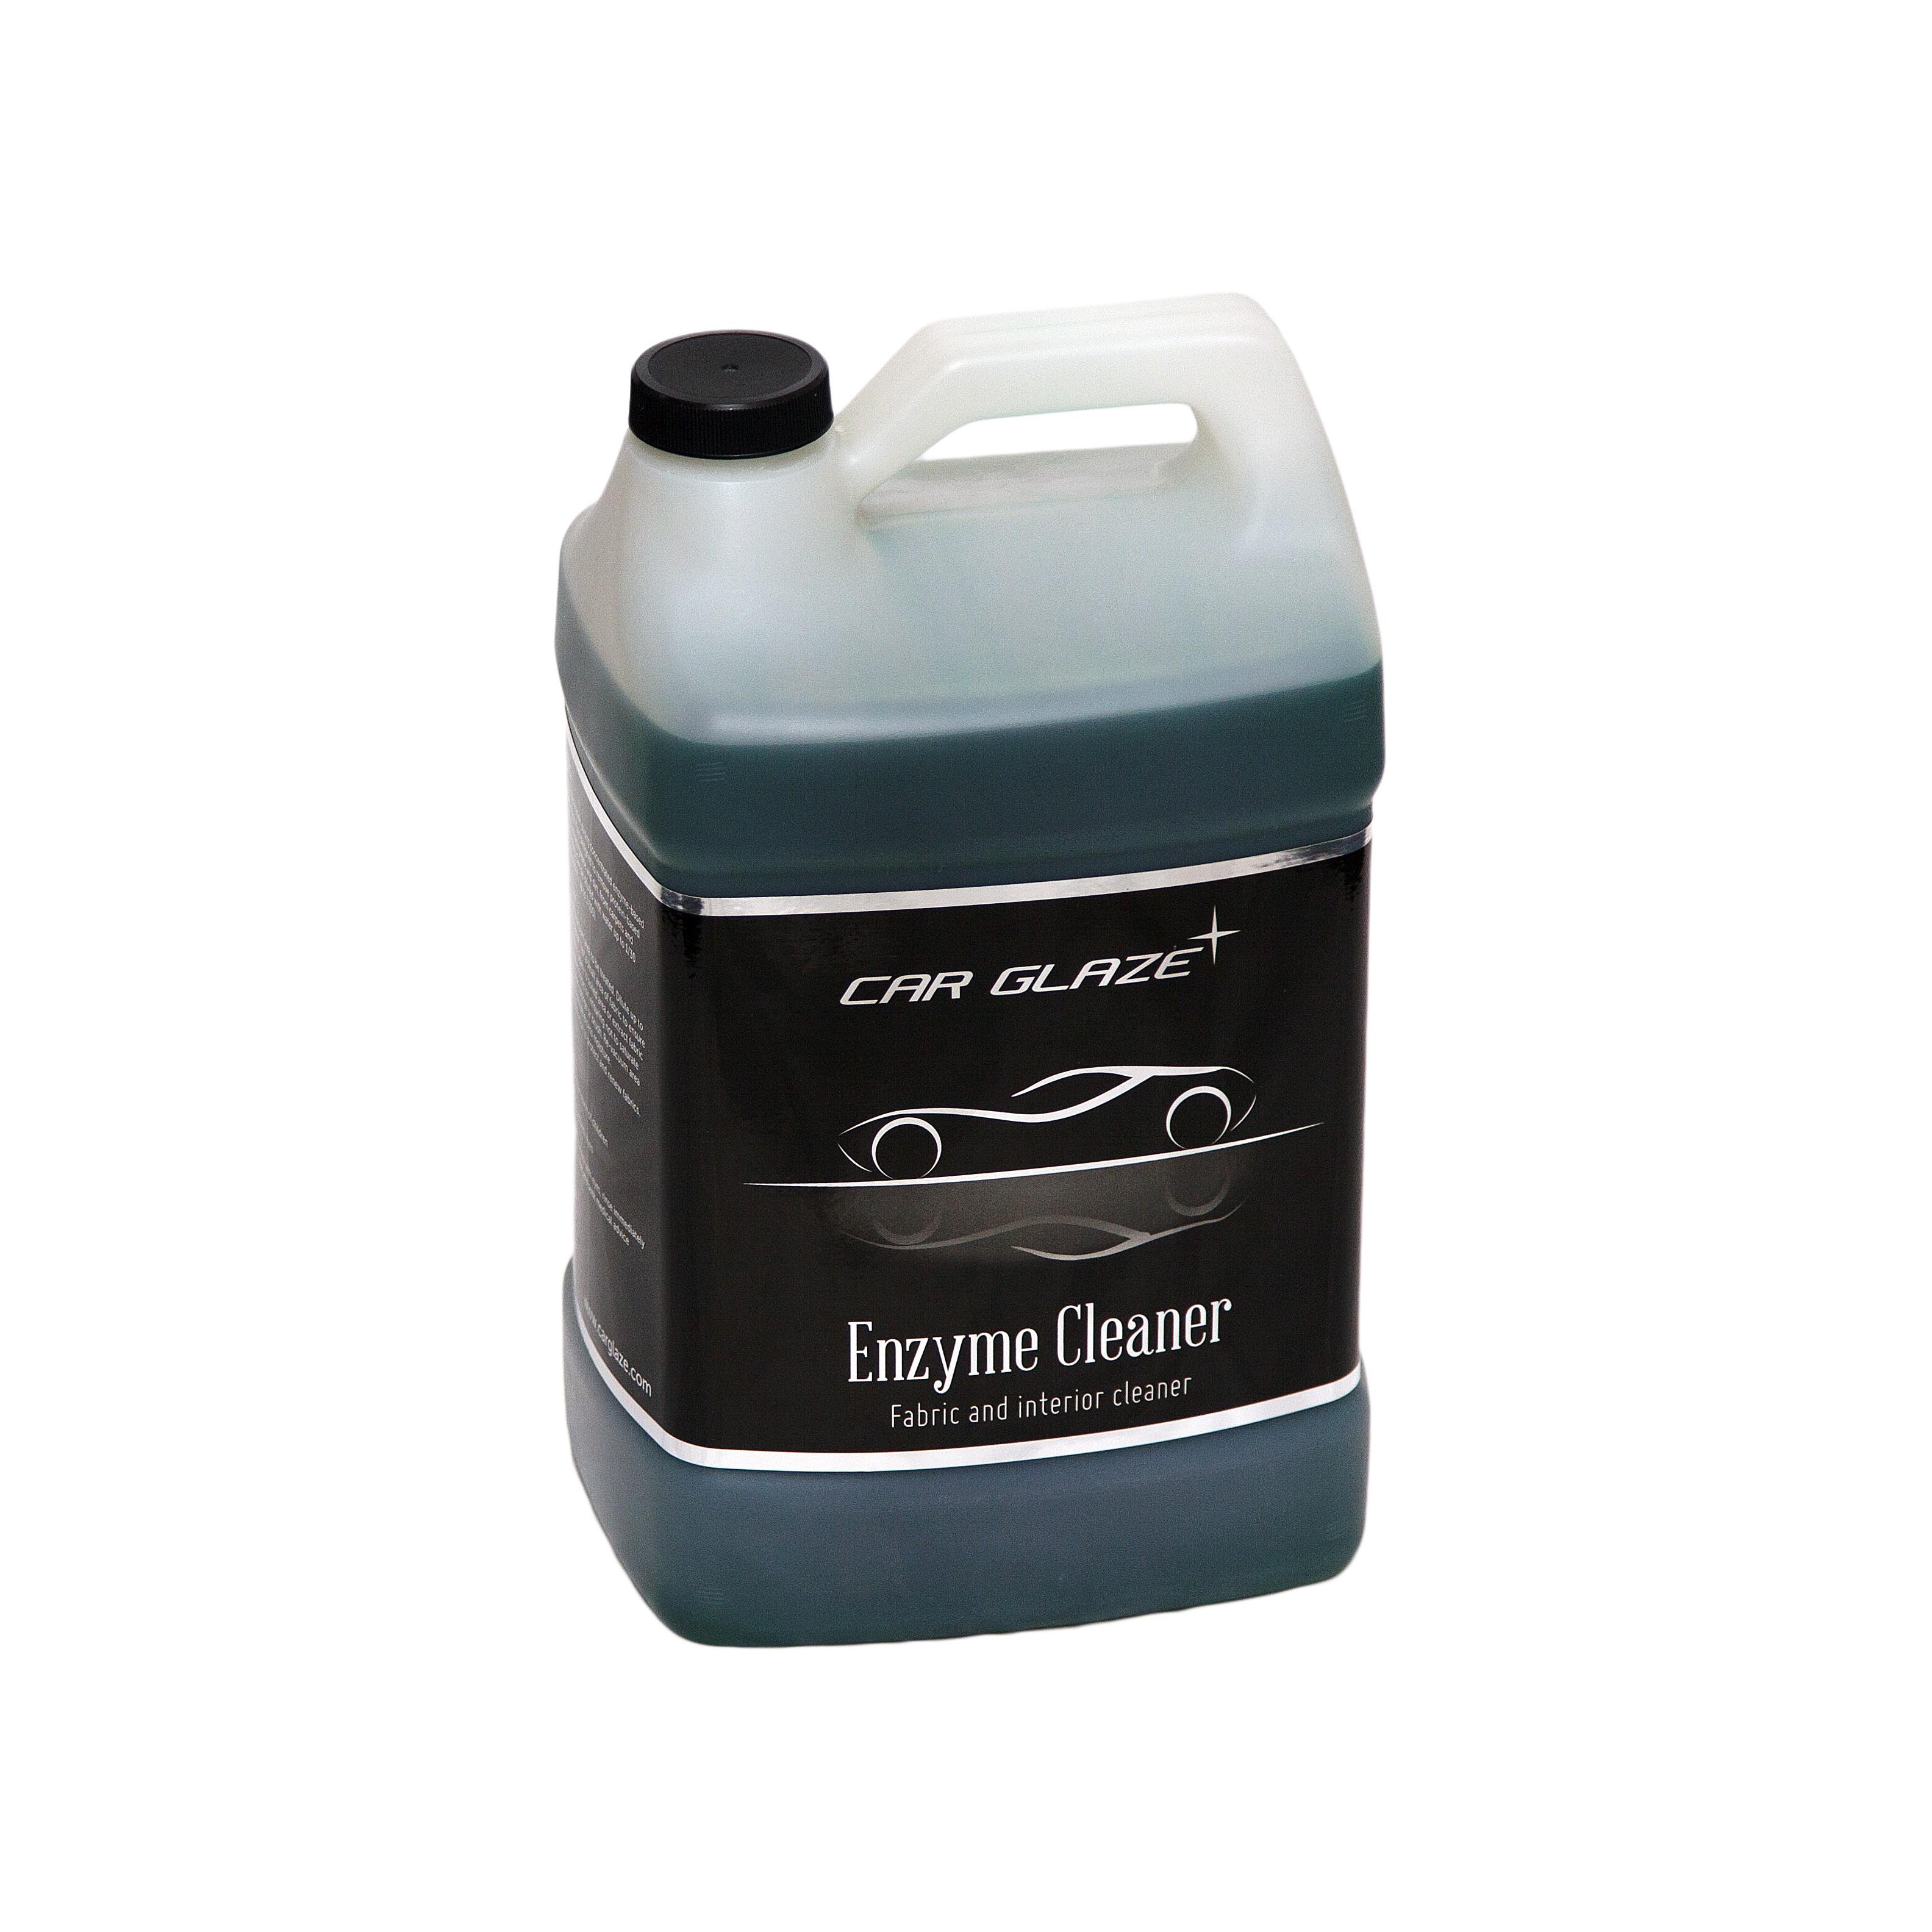 """Enzyme Cleaner  - Car Glaze - uue põlvkonna keemilise pesu aine - salongipesuvahend -tekstiilipesuaine -  tekstiilipesuvedelik - """"kemmi aine"""""""